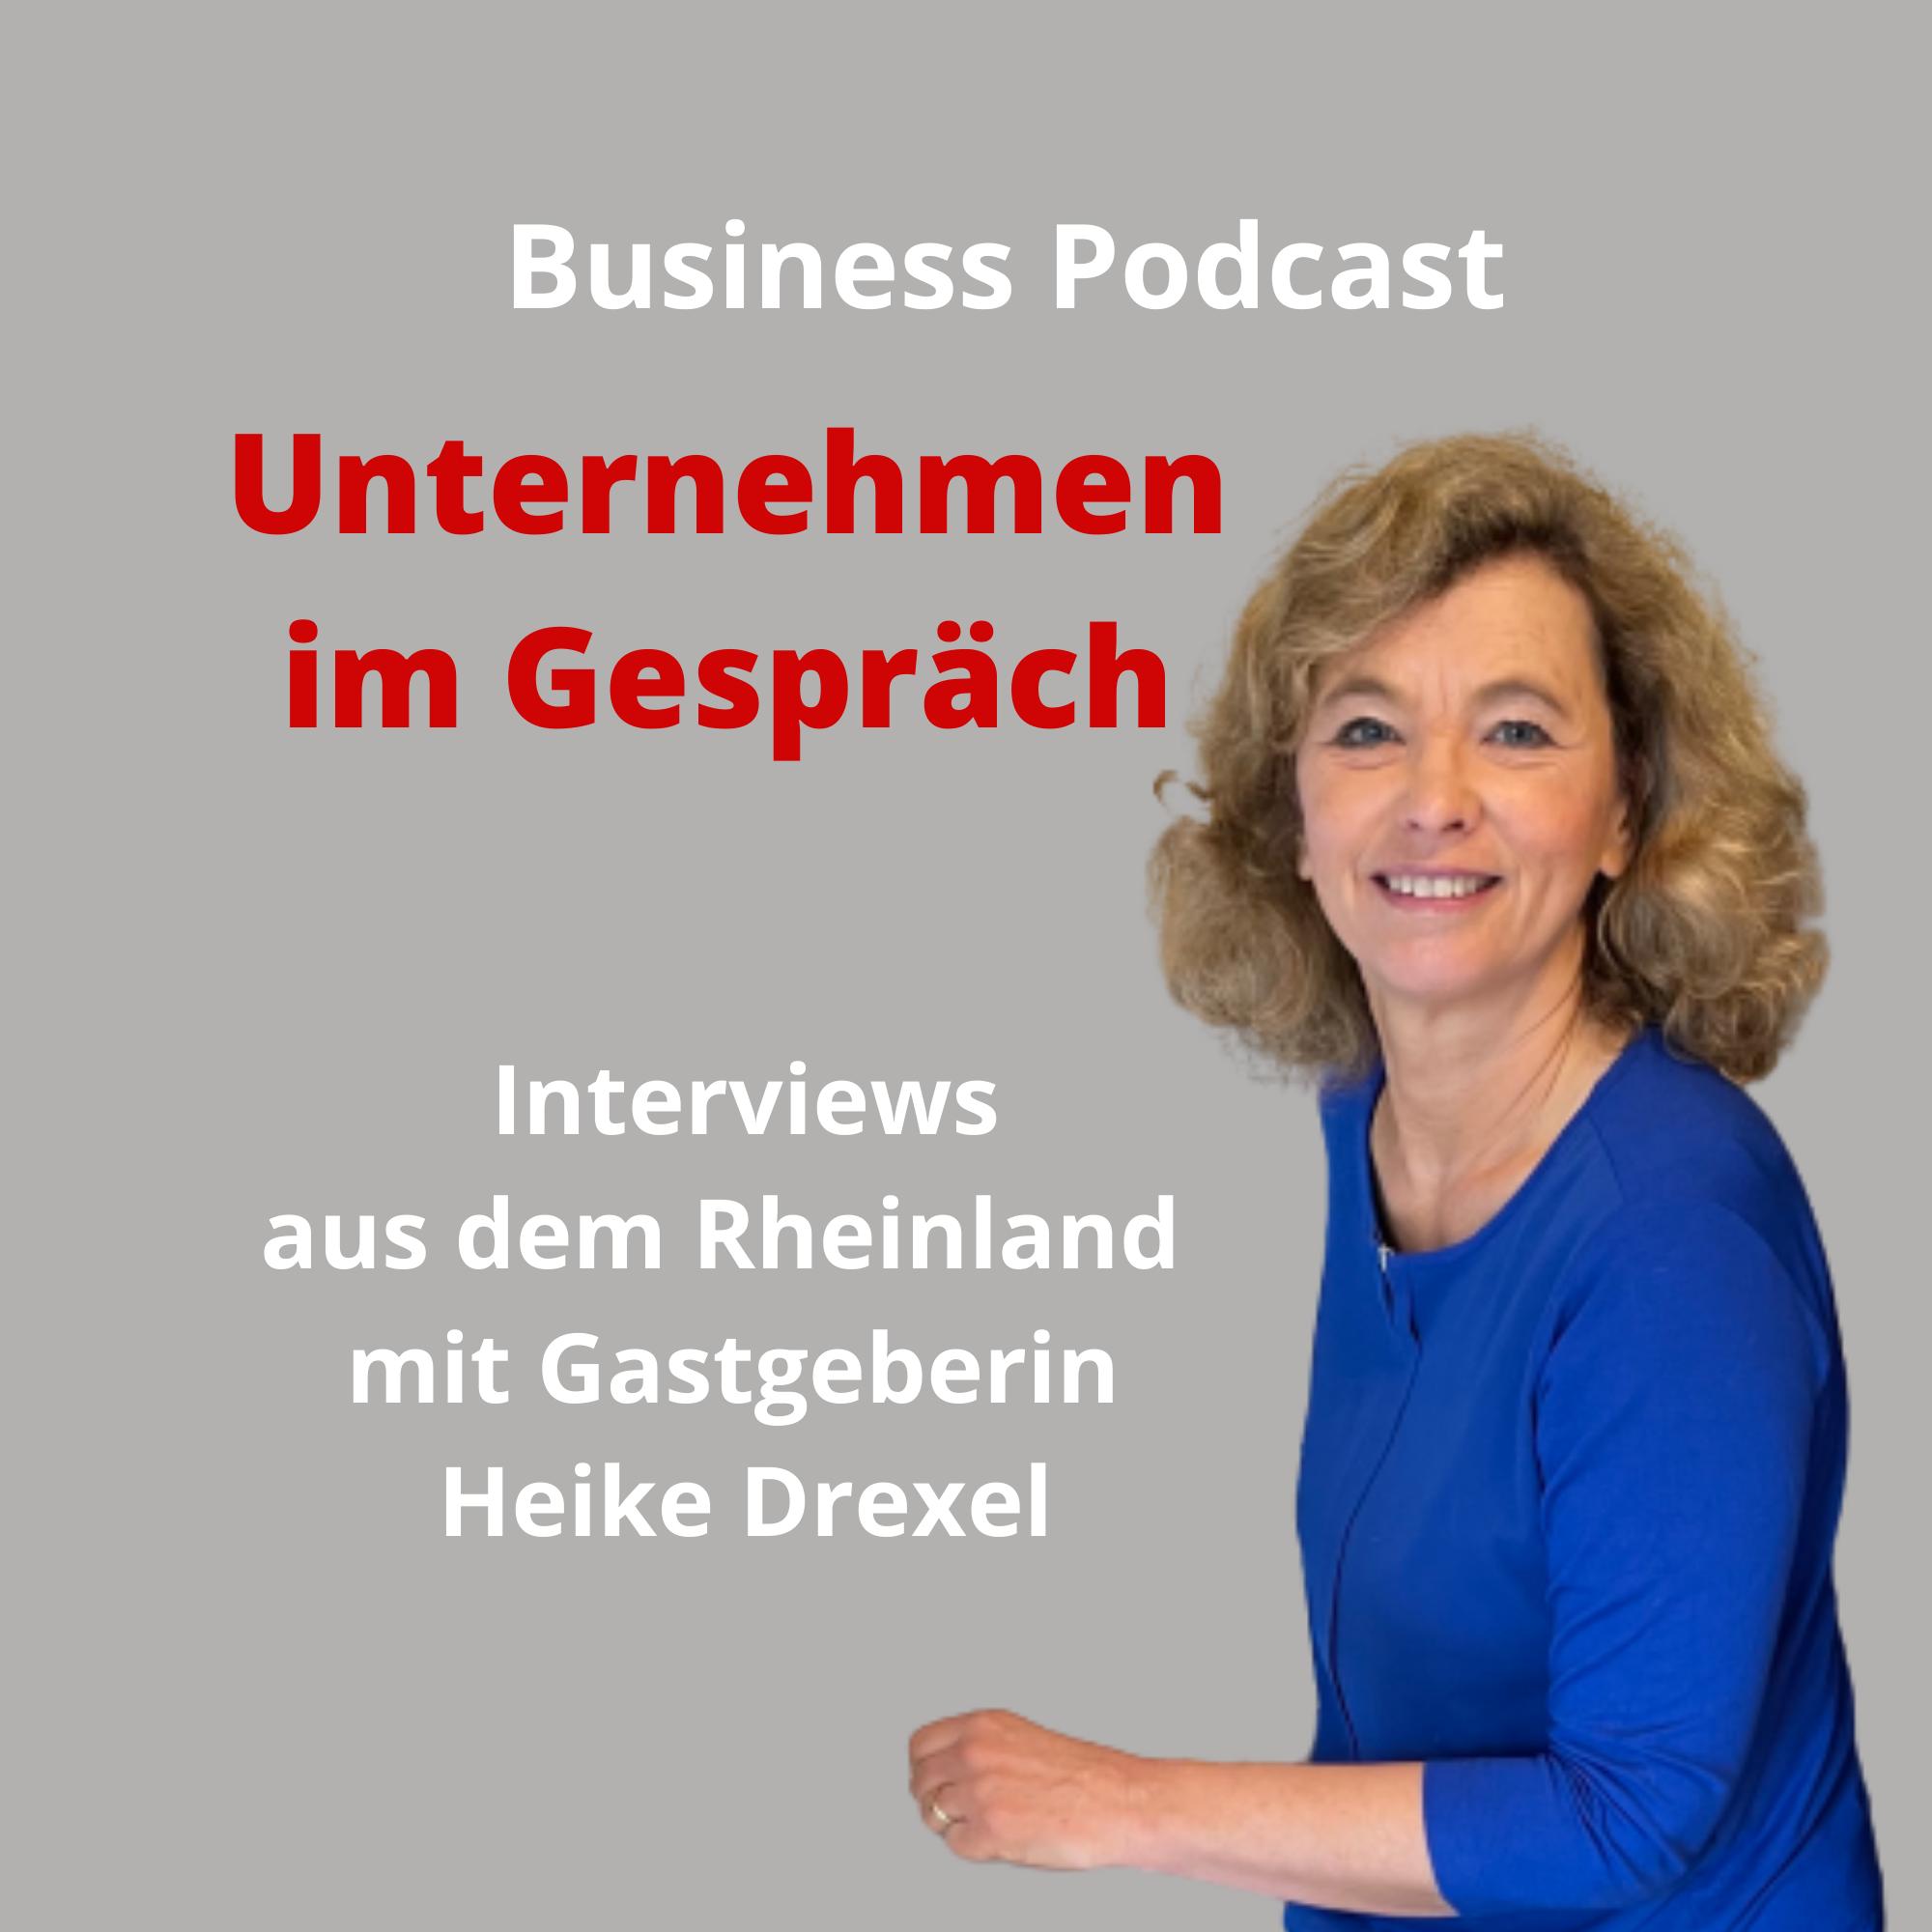 Business Podcast 'Unternehmen im Gespräch' Logo